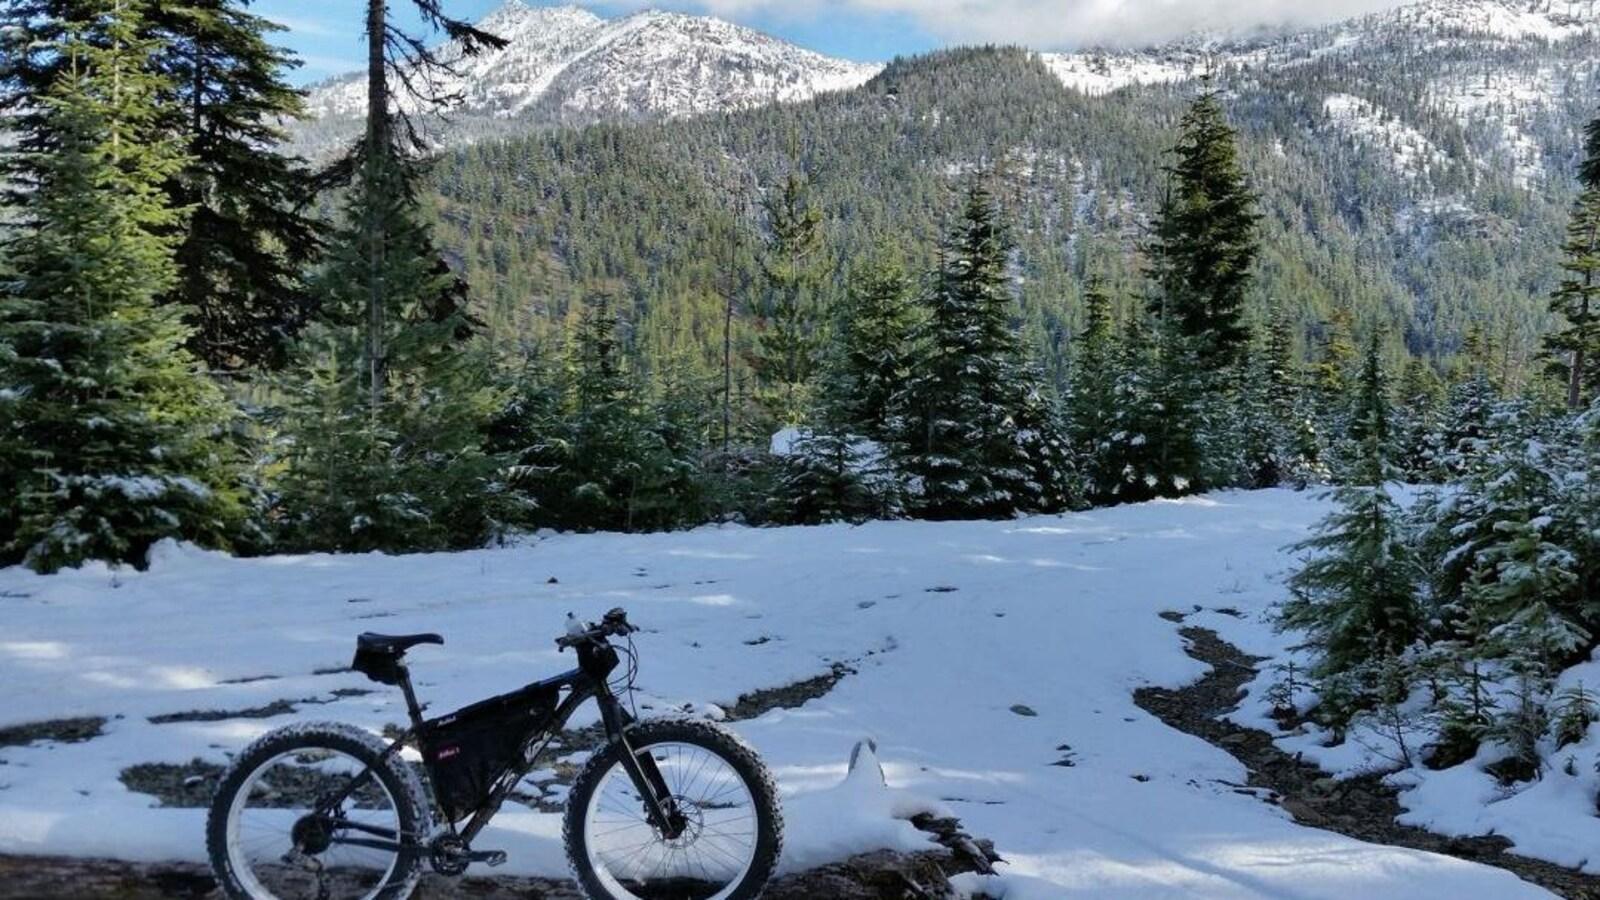 Des sentiers ont été aménagés pour les amateurs de vélos à pneus surdimensionnés (fatbike)